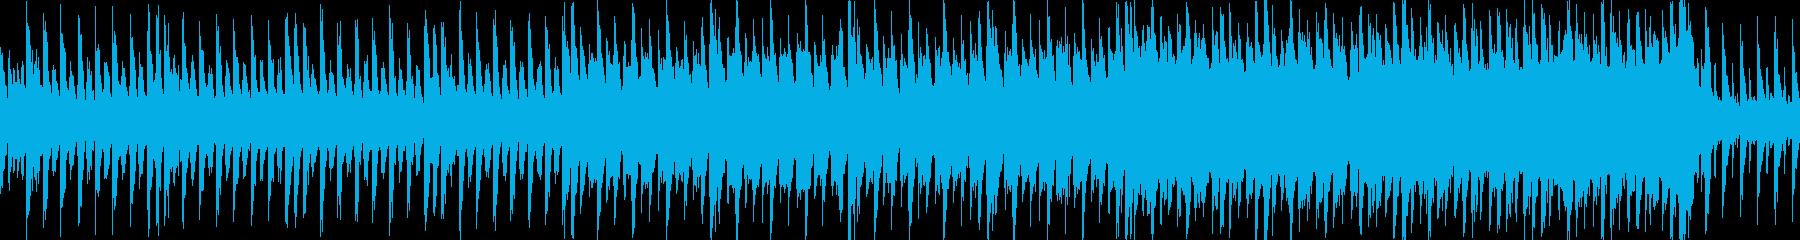 ピアノがキラキラしたJPOP風曲ループcの再生済みの波形